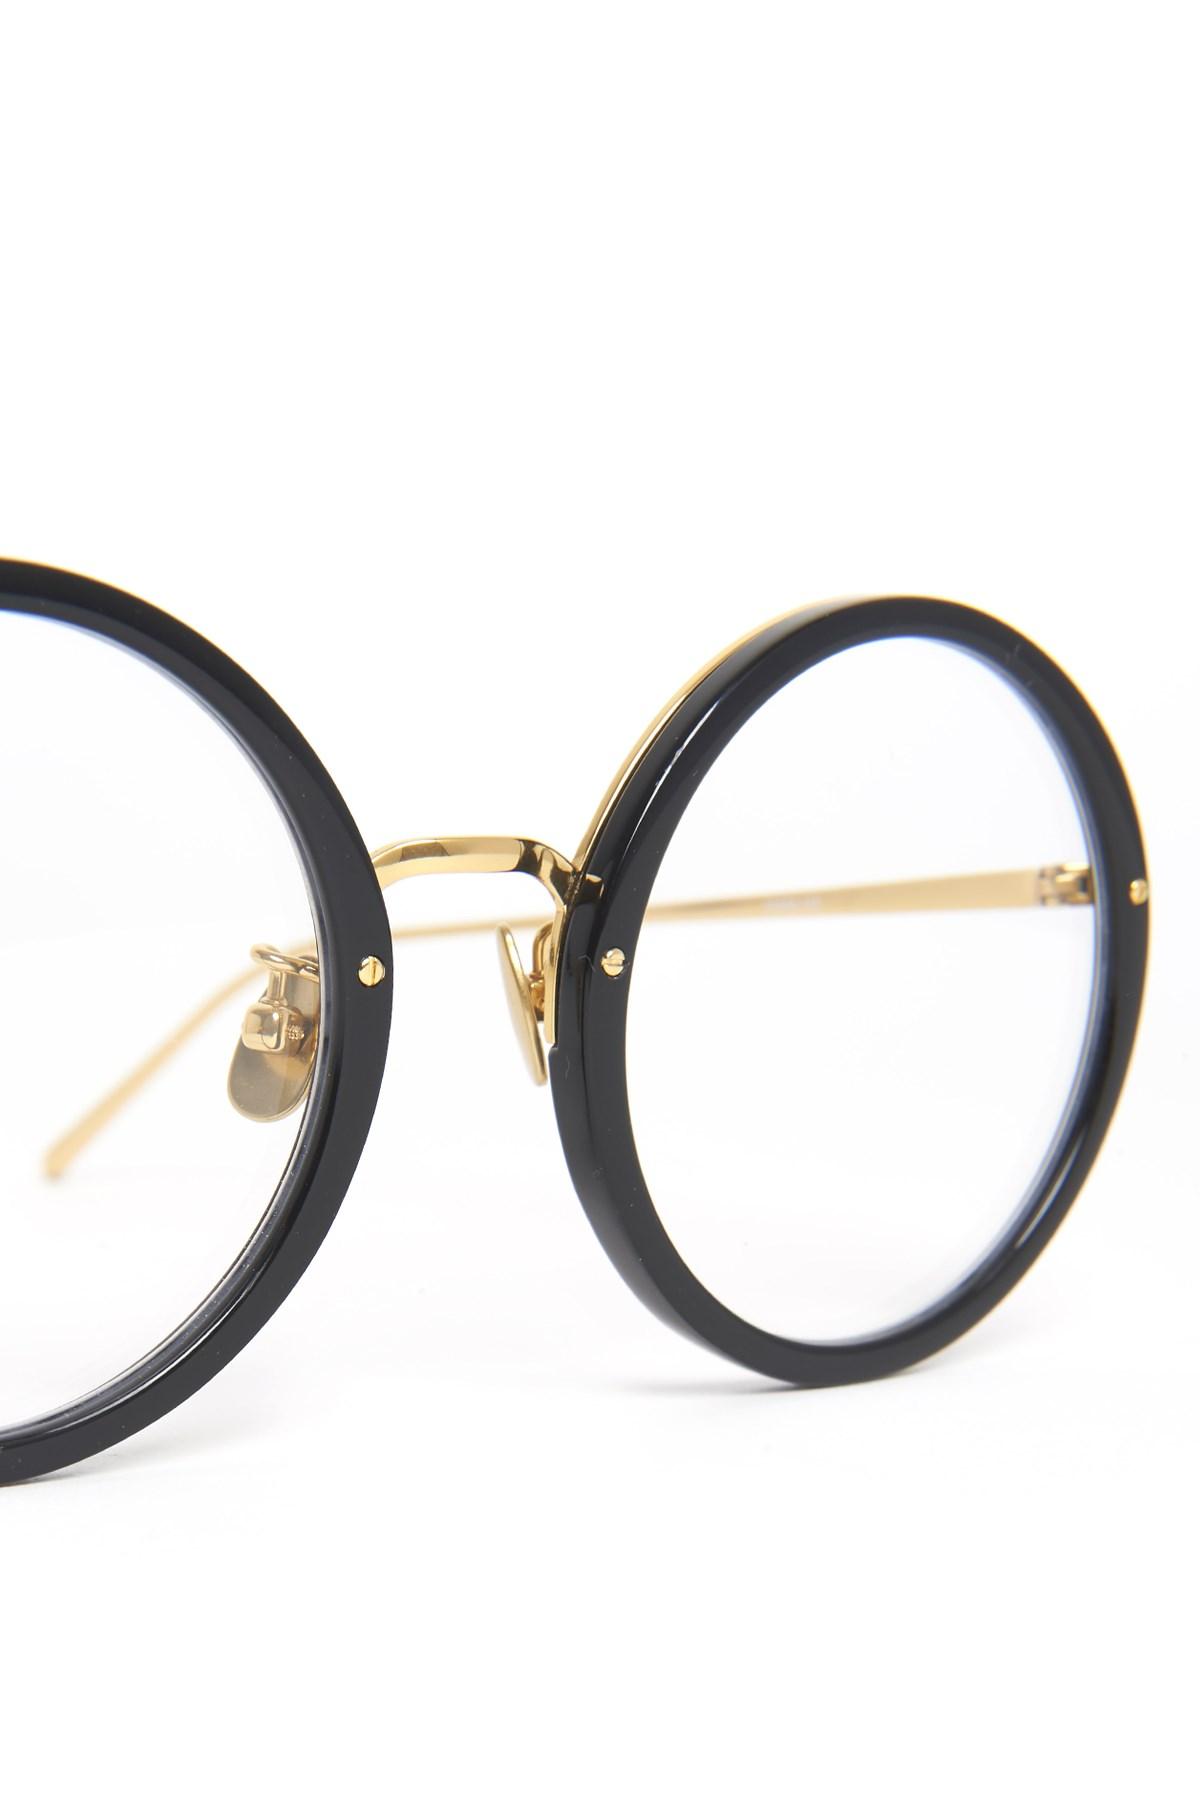 7620e1ab7ed7bf linda farrow occhiali da sole forma rotonda su julian-fashion.com ...